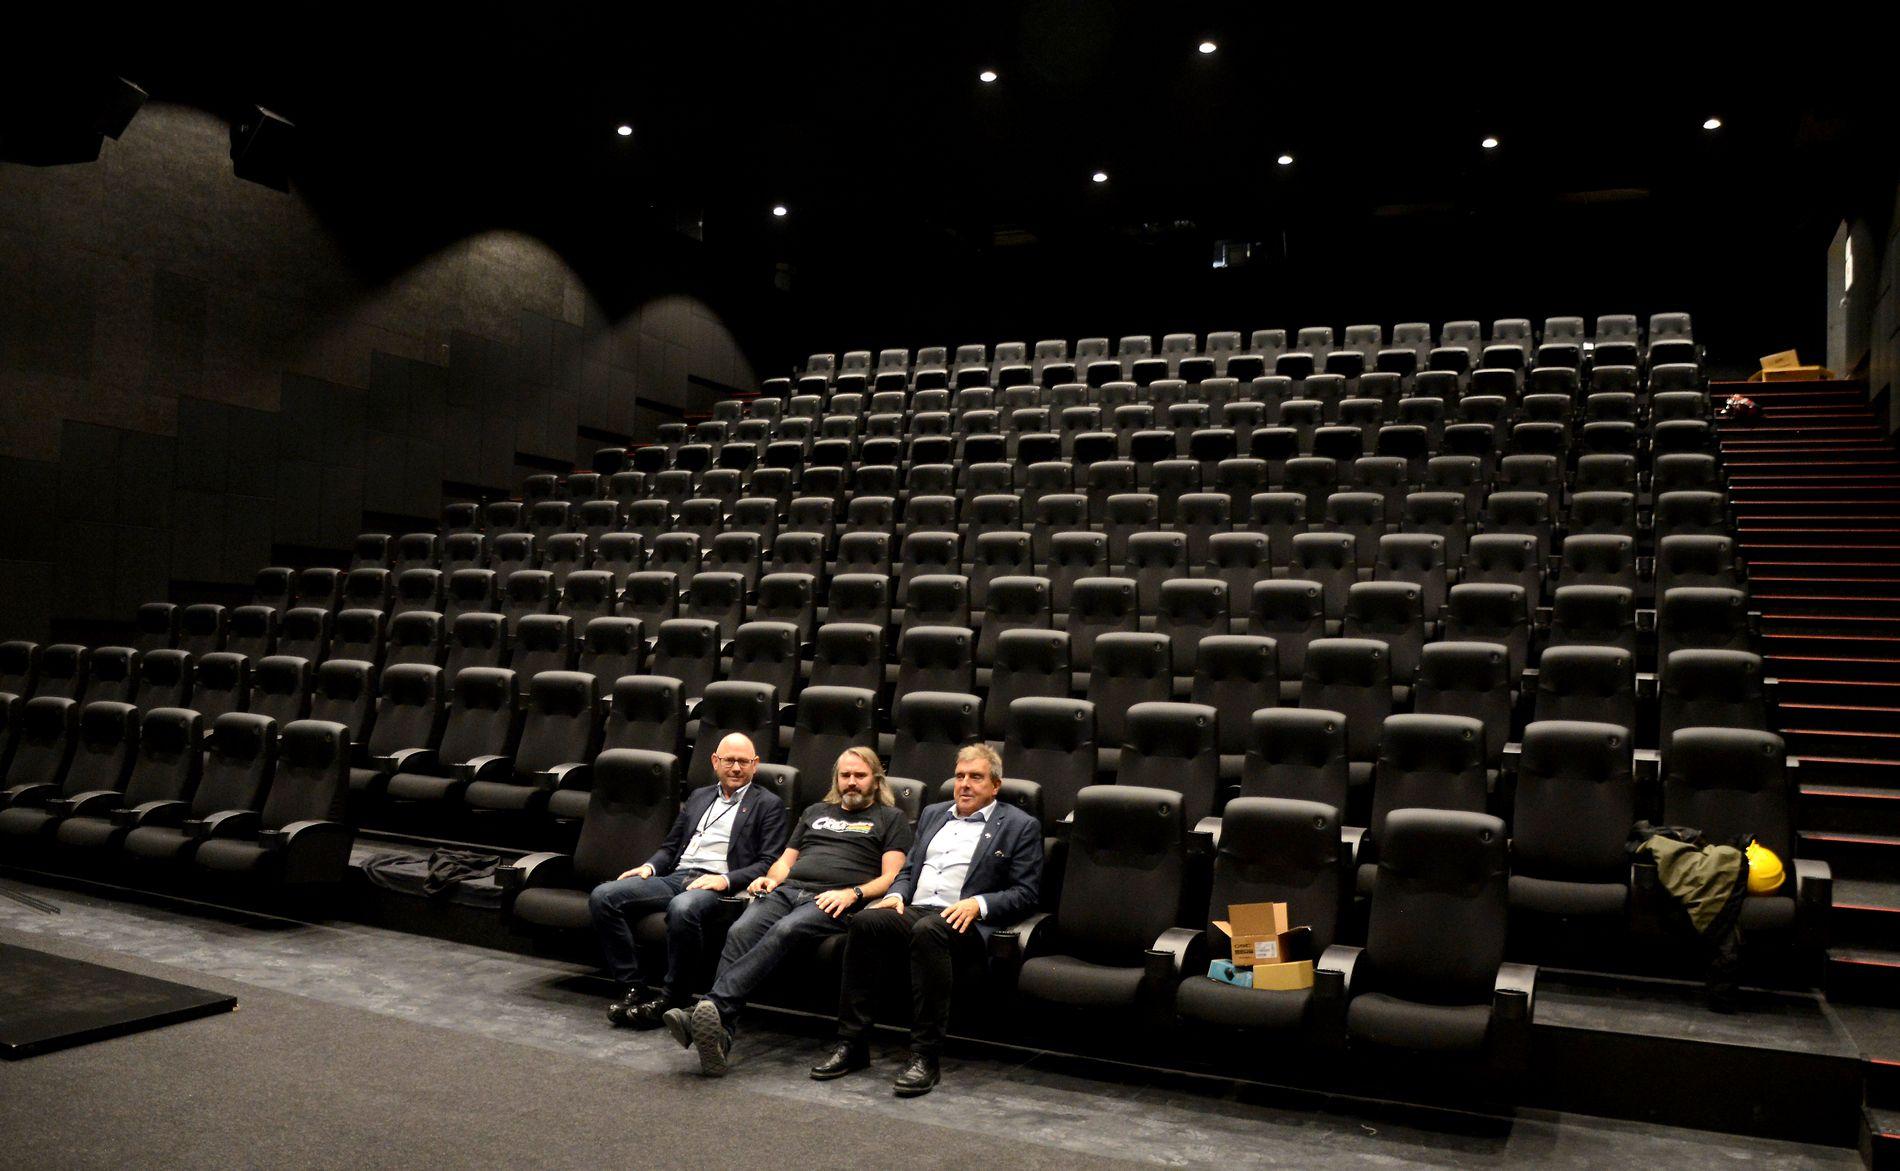 nye bryne kino